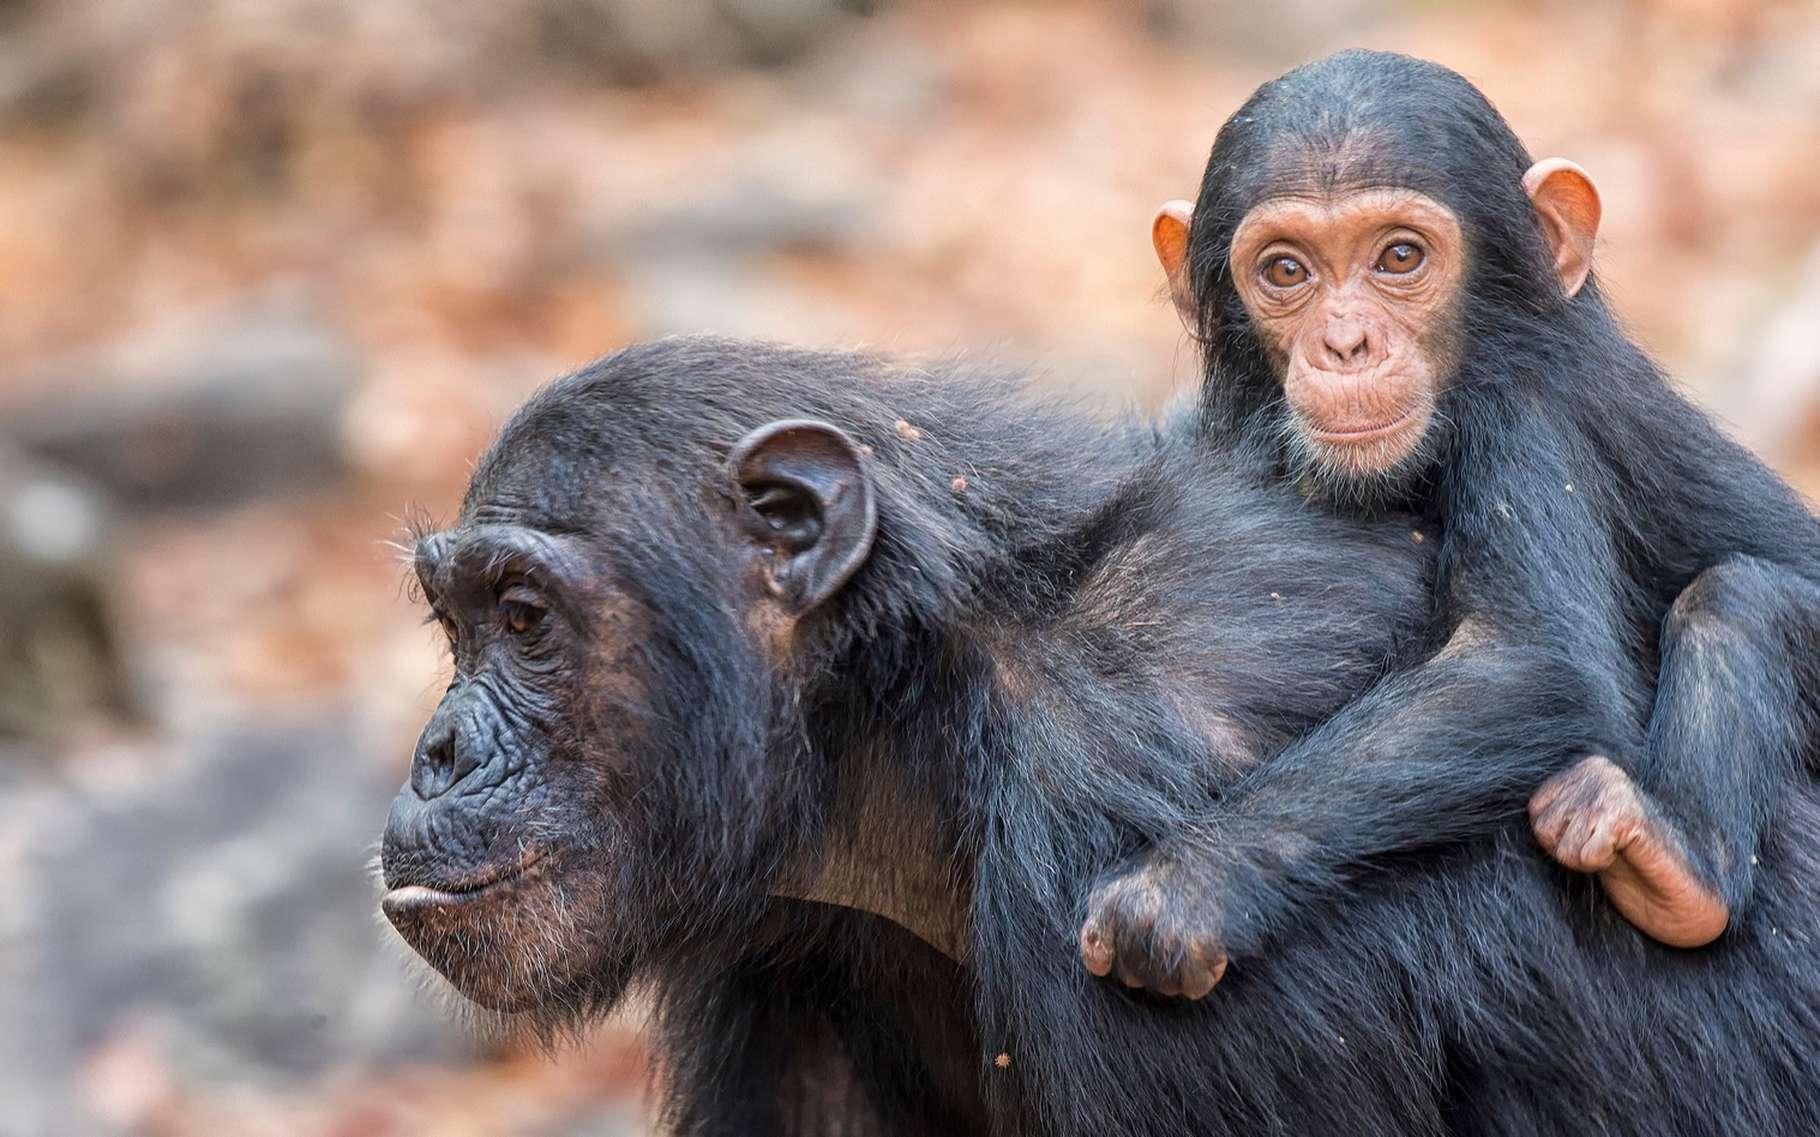 Les chimpanzés, comme beaucoup de grands vertébrés, sont menacés dans de nombreuses régions, mais ils sont la face visible de l'iceberg. En rasant des forêts, les activités humaines font disparaître des écosystèmes entiers, avec leurs végétaux, leurs animaux et leurs micro-organismes. © sivanadar, Shutterstock